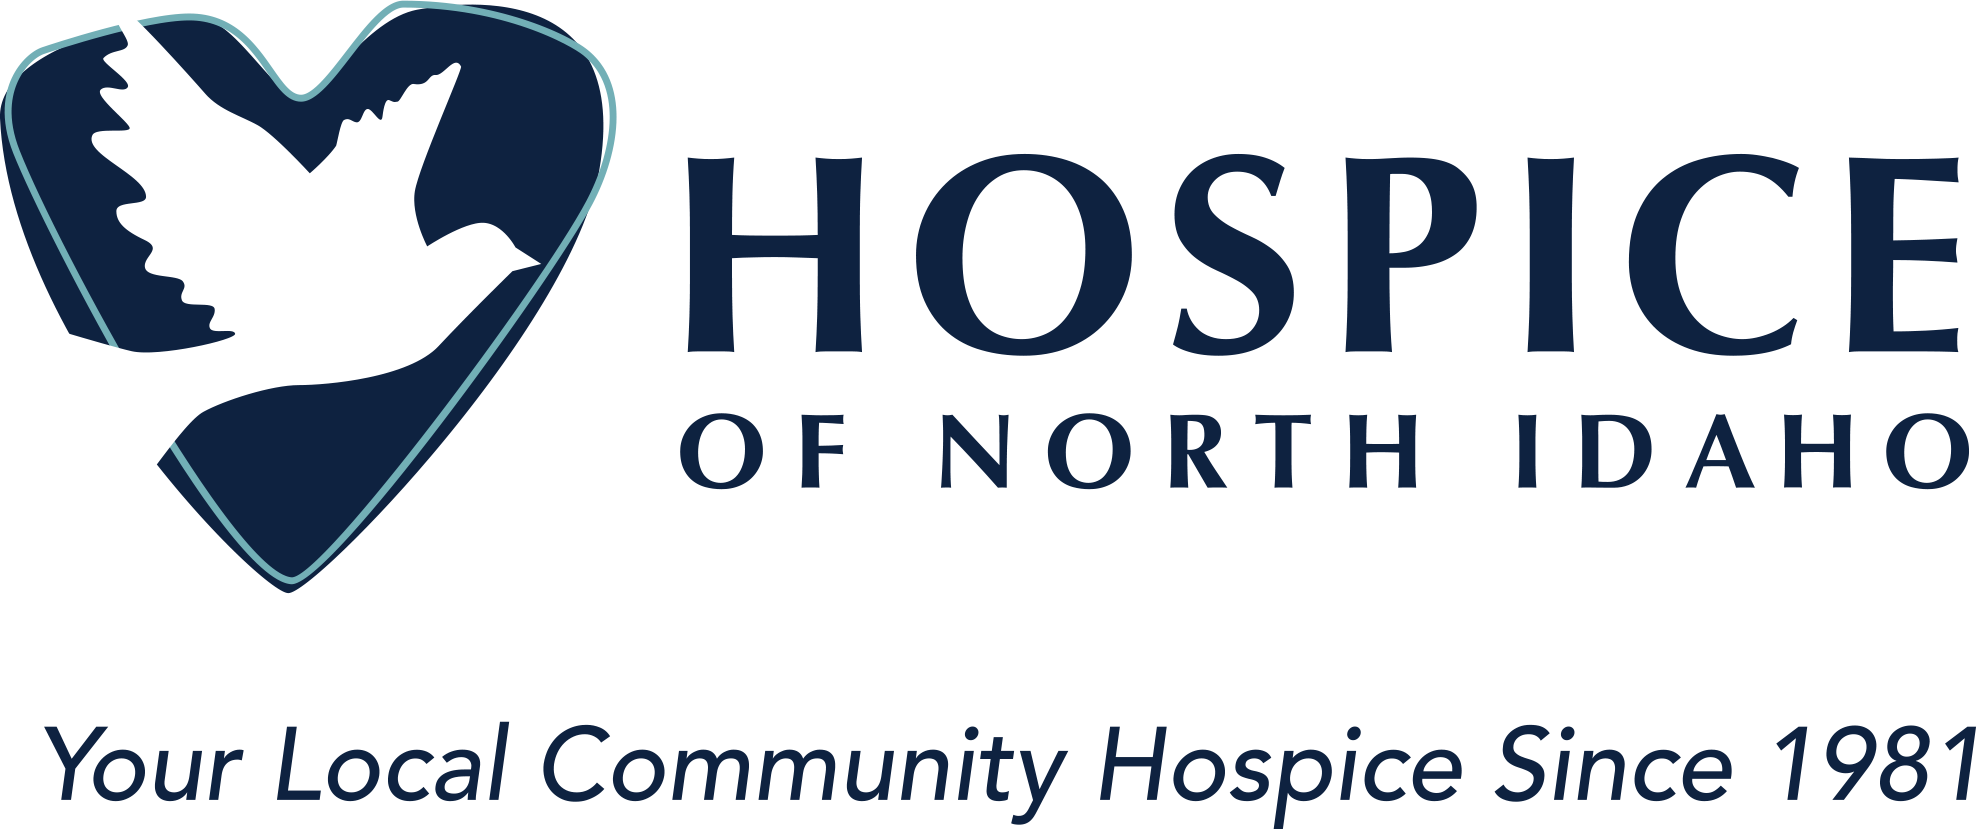 Hospice of North Idaho Retina Logo